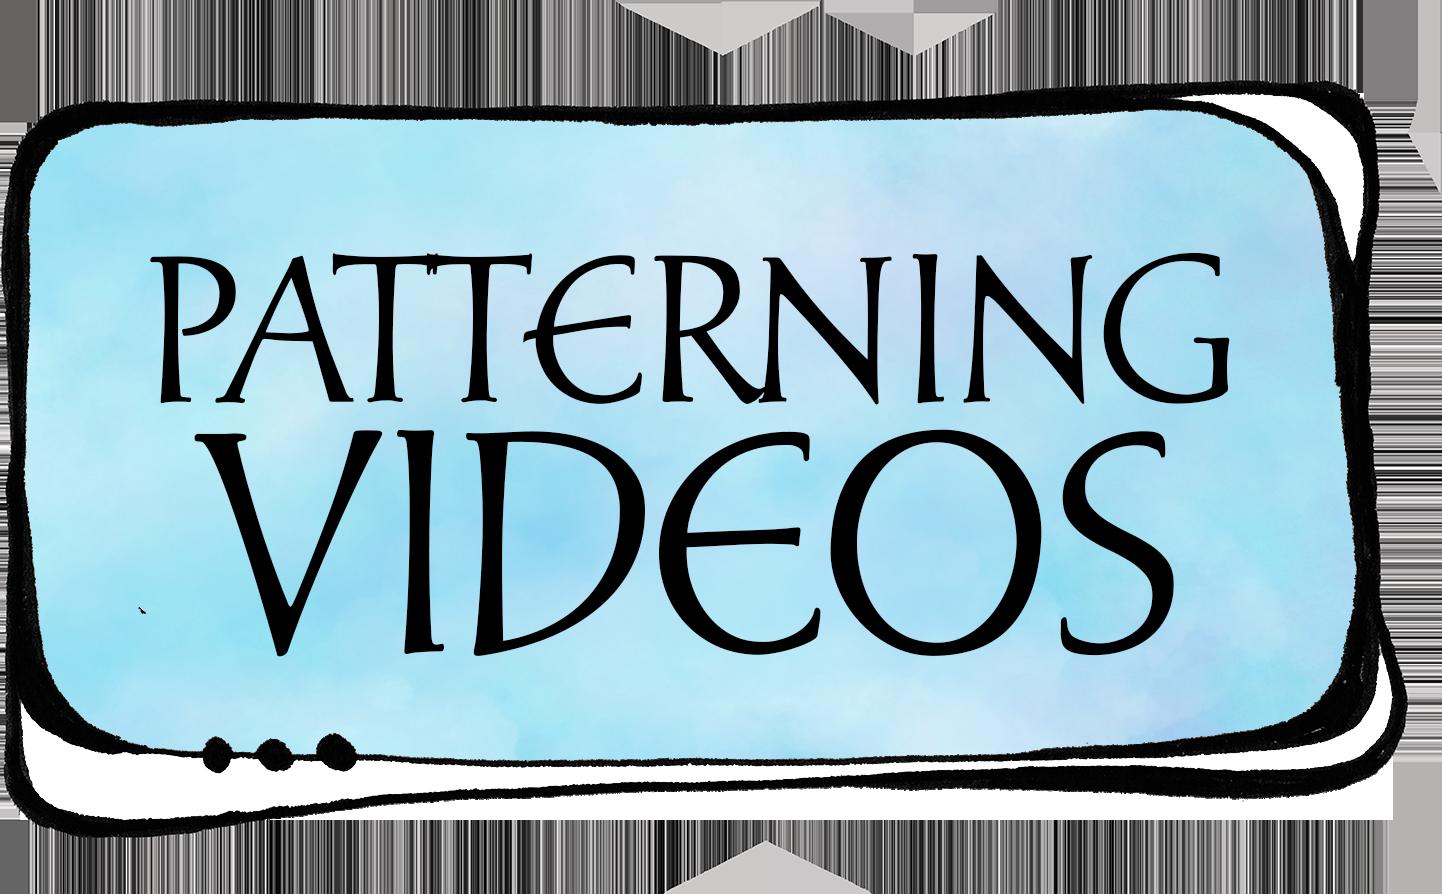 Patterning Videos